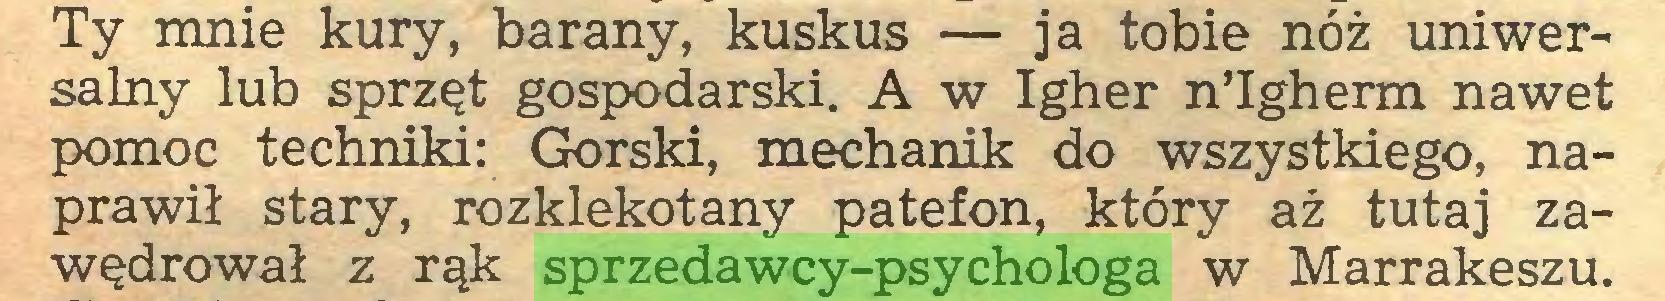 (...) Ty mnie kury, barany, kuskus — ja tobie nóż uniwersalny lub sprzęt gospodarski. A w Igher nTgherm nawet pomoc techniki: Górski, mechanik do wszystkiego, naprawił stary, rozklekotany patefon, który aż tutaj zawędrował z rąk sprzedawcy-psychologa w Marrakeszu...